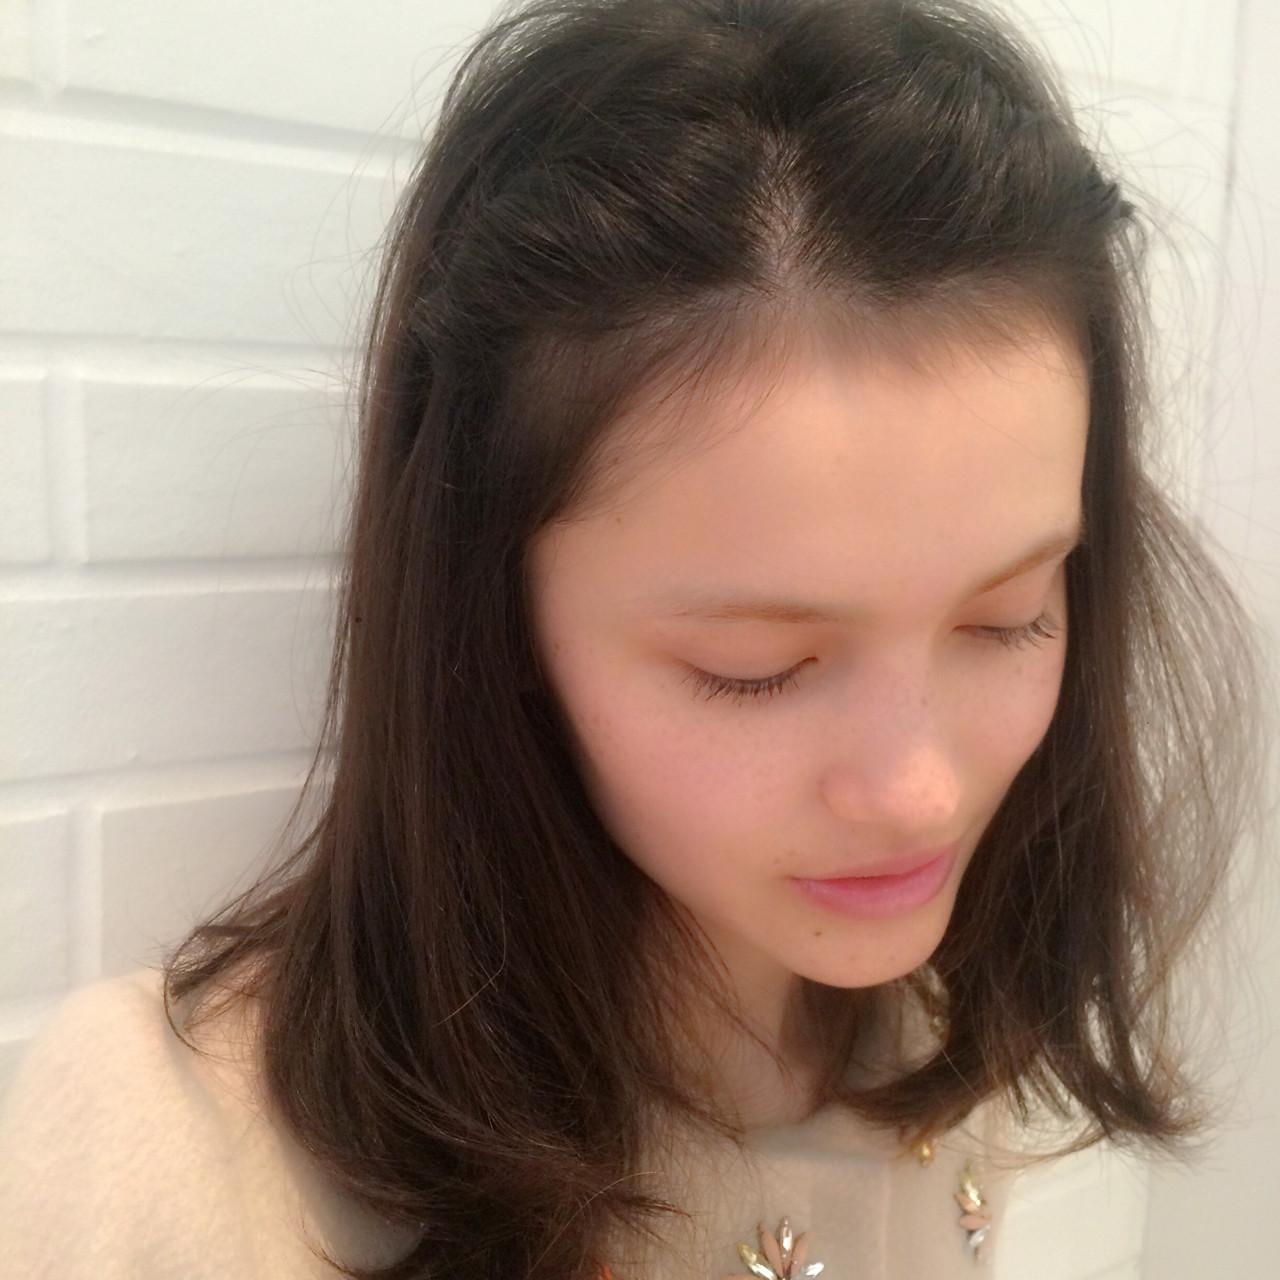 ラフ ショート ミディアム 簡単ヘアアレンジ ヘアスタイルや髪型の写真・画像